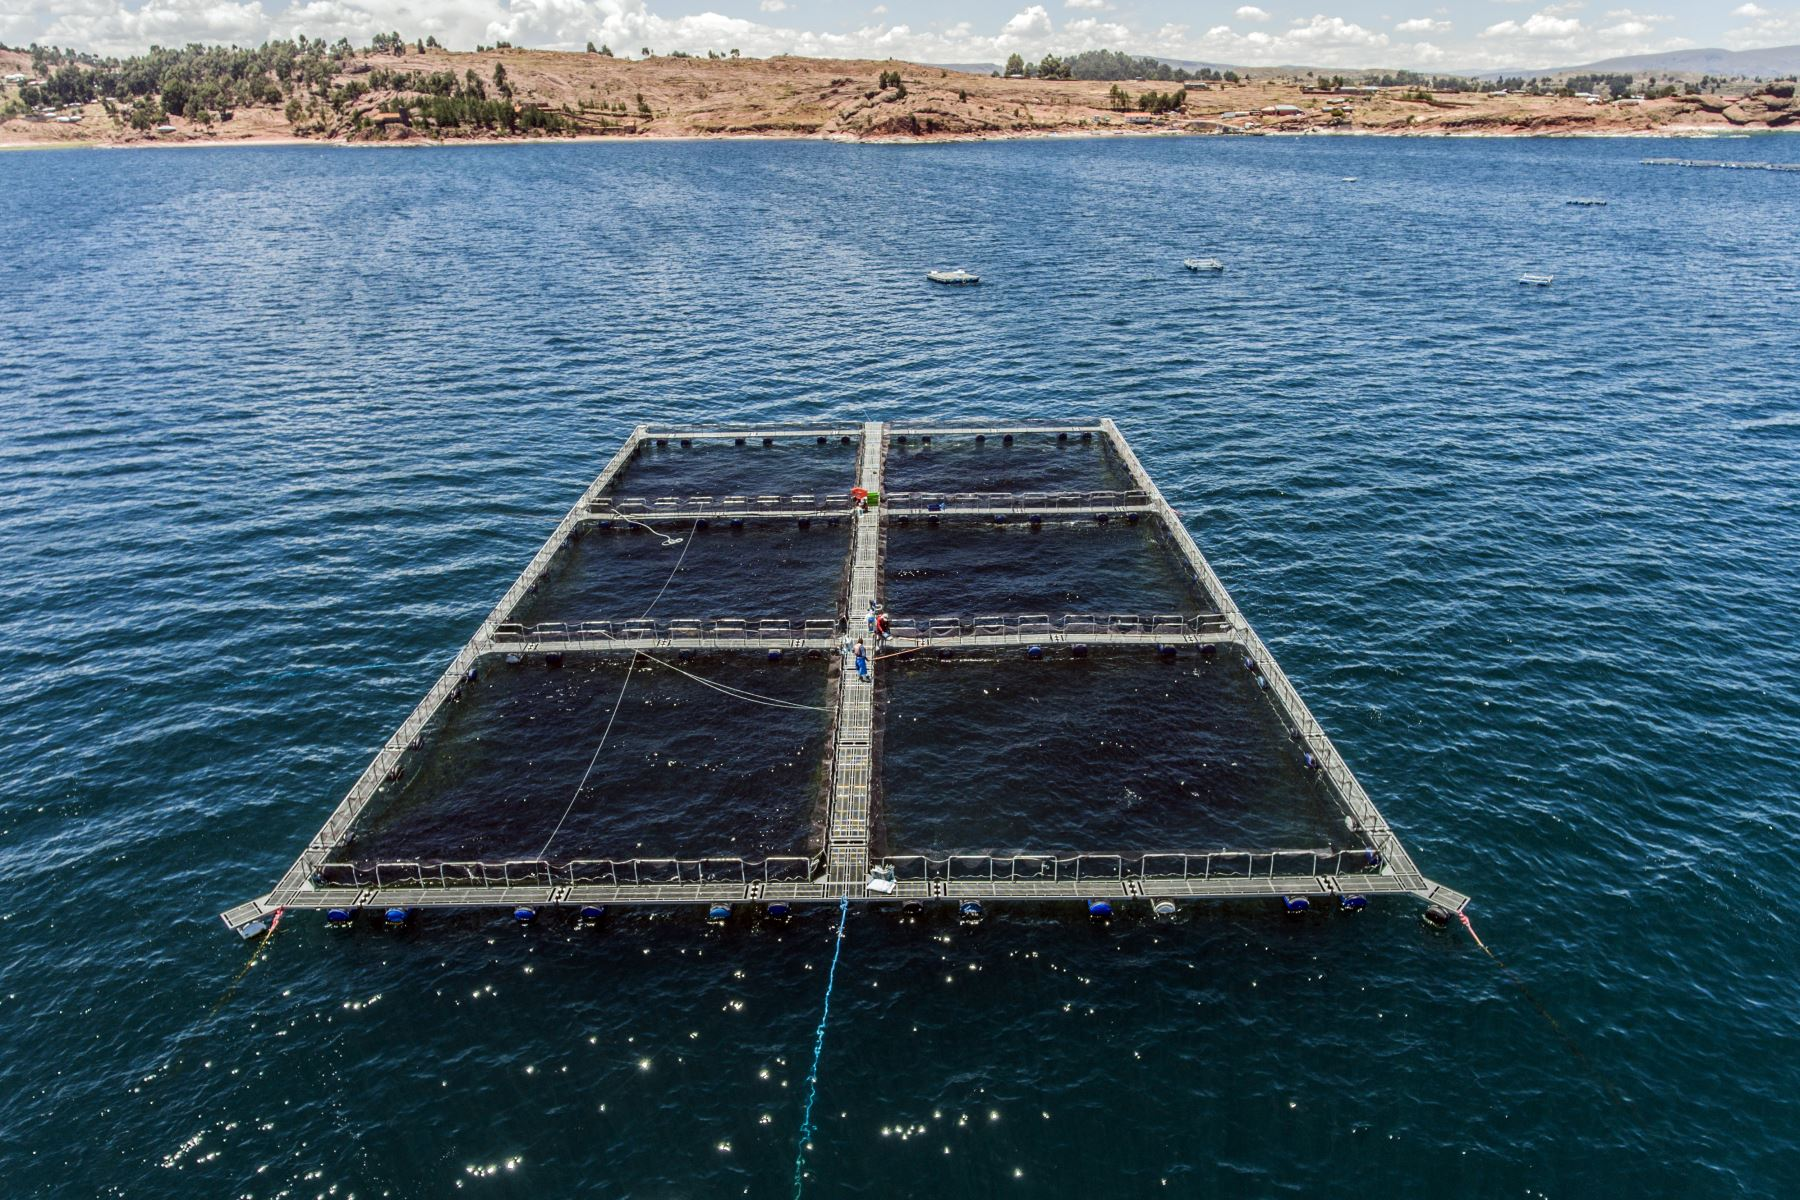 Mujeres de la comunidad del lago Arapa, en la región Puno, desarrollan con éxito la acuicultura sostenible y ganan el tercer lugar en el concurso organizado por la International Association for Women in the Seafood Industry.Foto:ANDINA/PNIPA